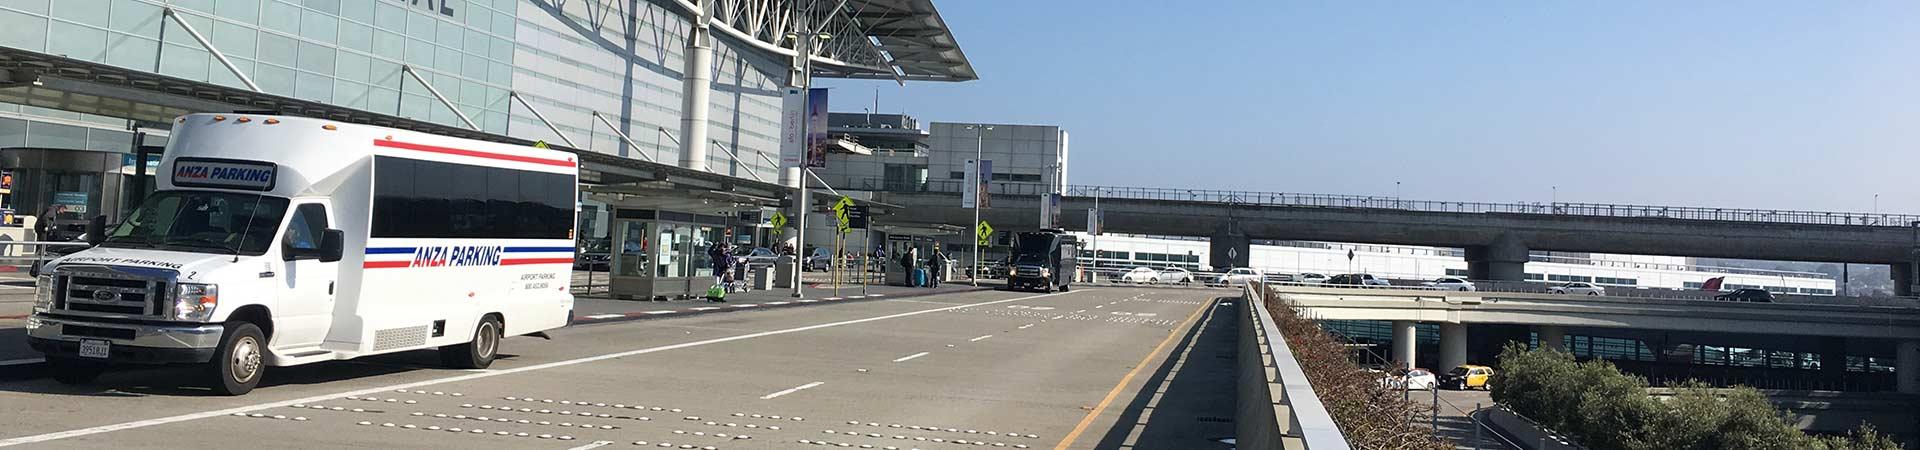 Dropping off at San Francisco International Airport